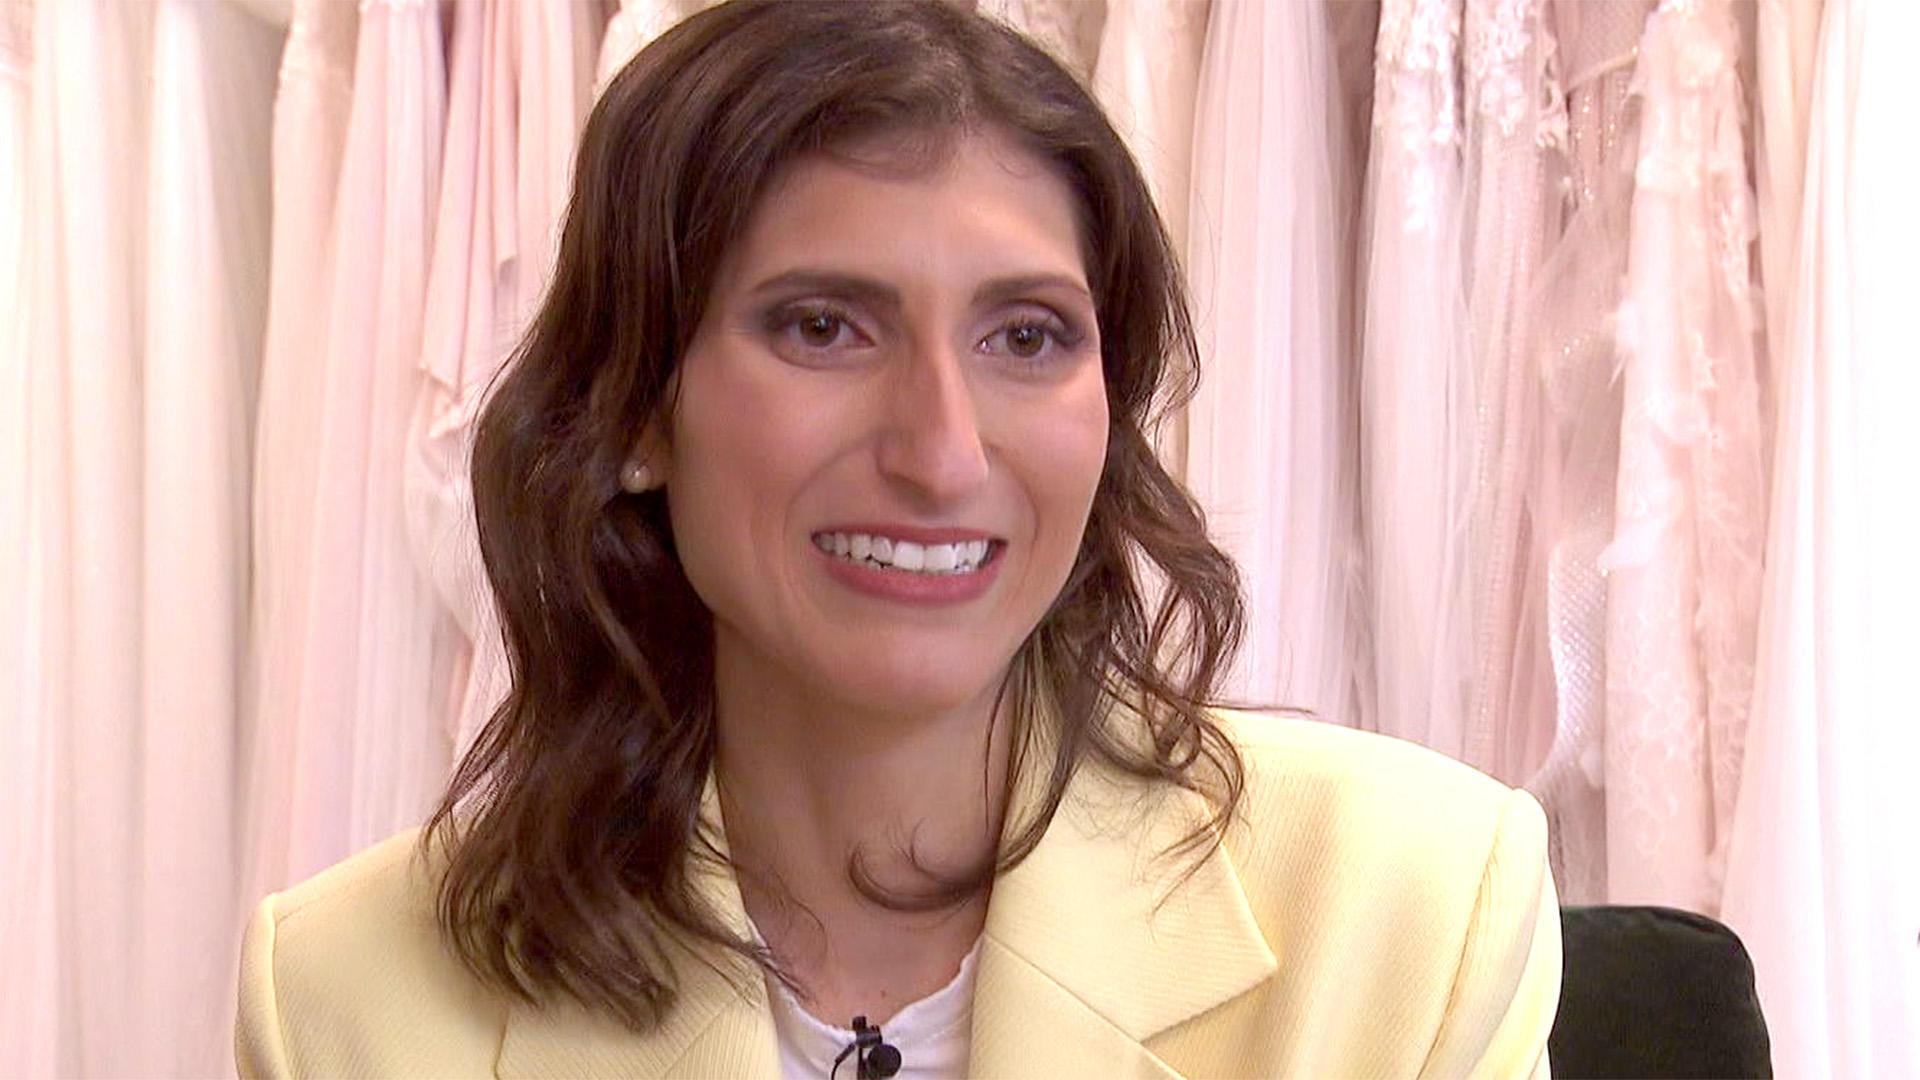 Brautkleid für Hochzeit in Griechenland gesucht! | Folge 75